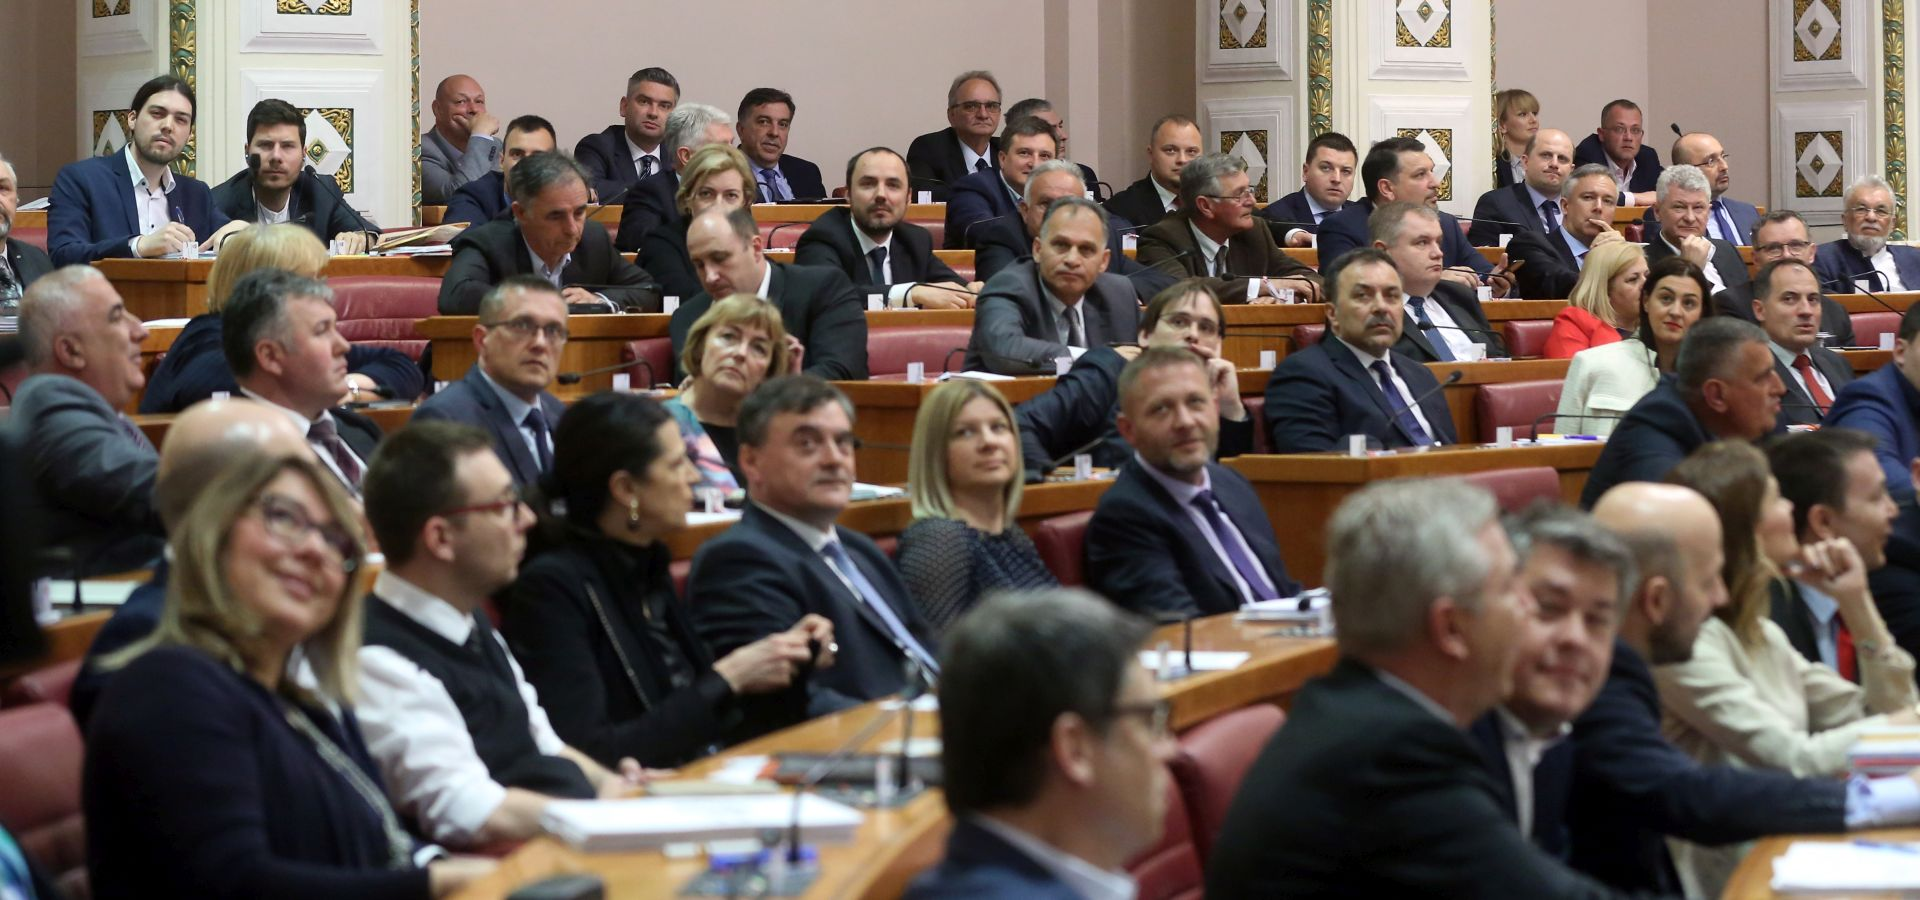 SABORSKI ZASTUPNICI 'U Hrvatsku se uvozi škart roba'